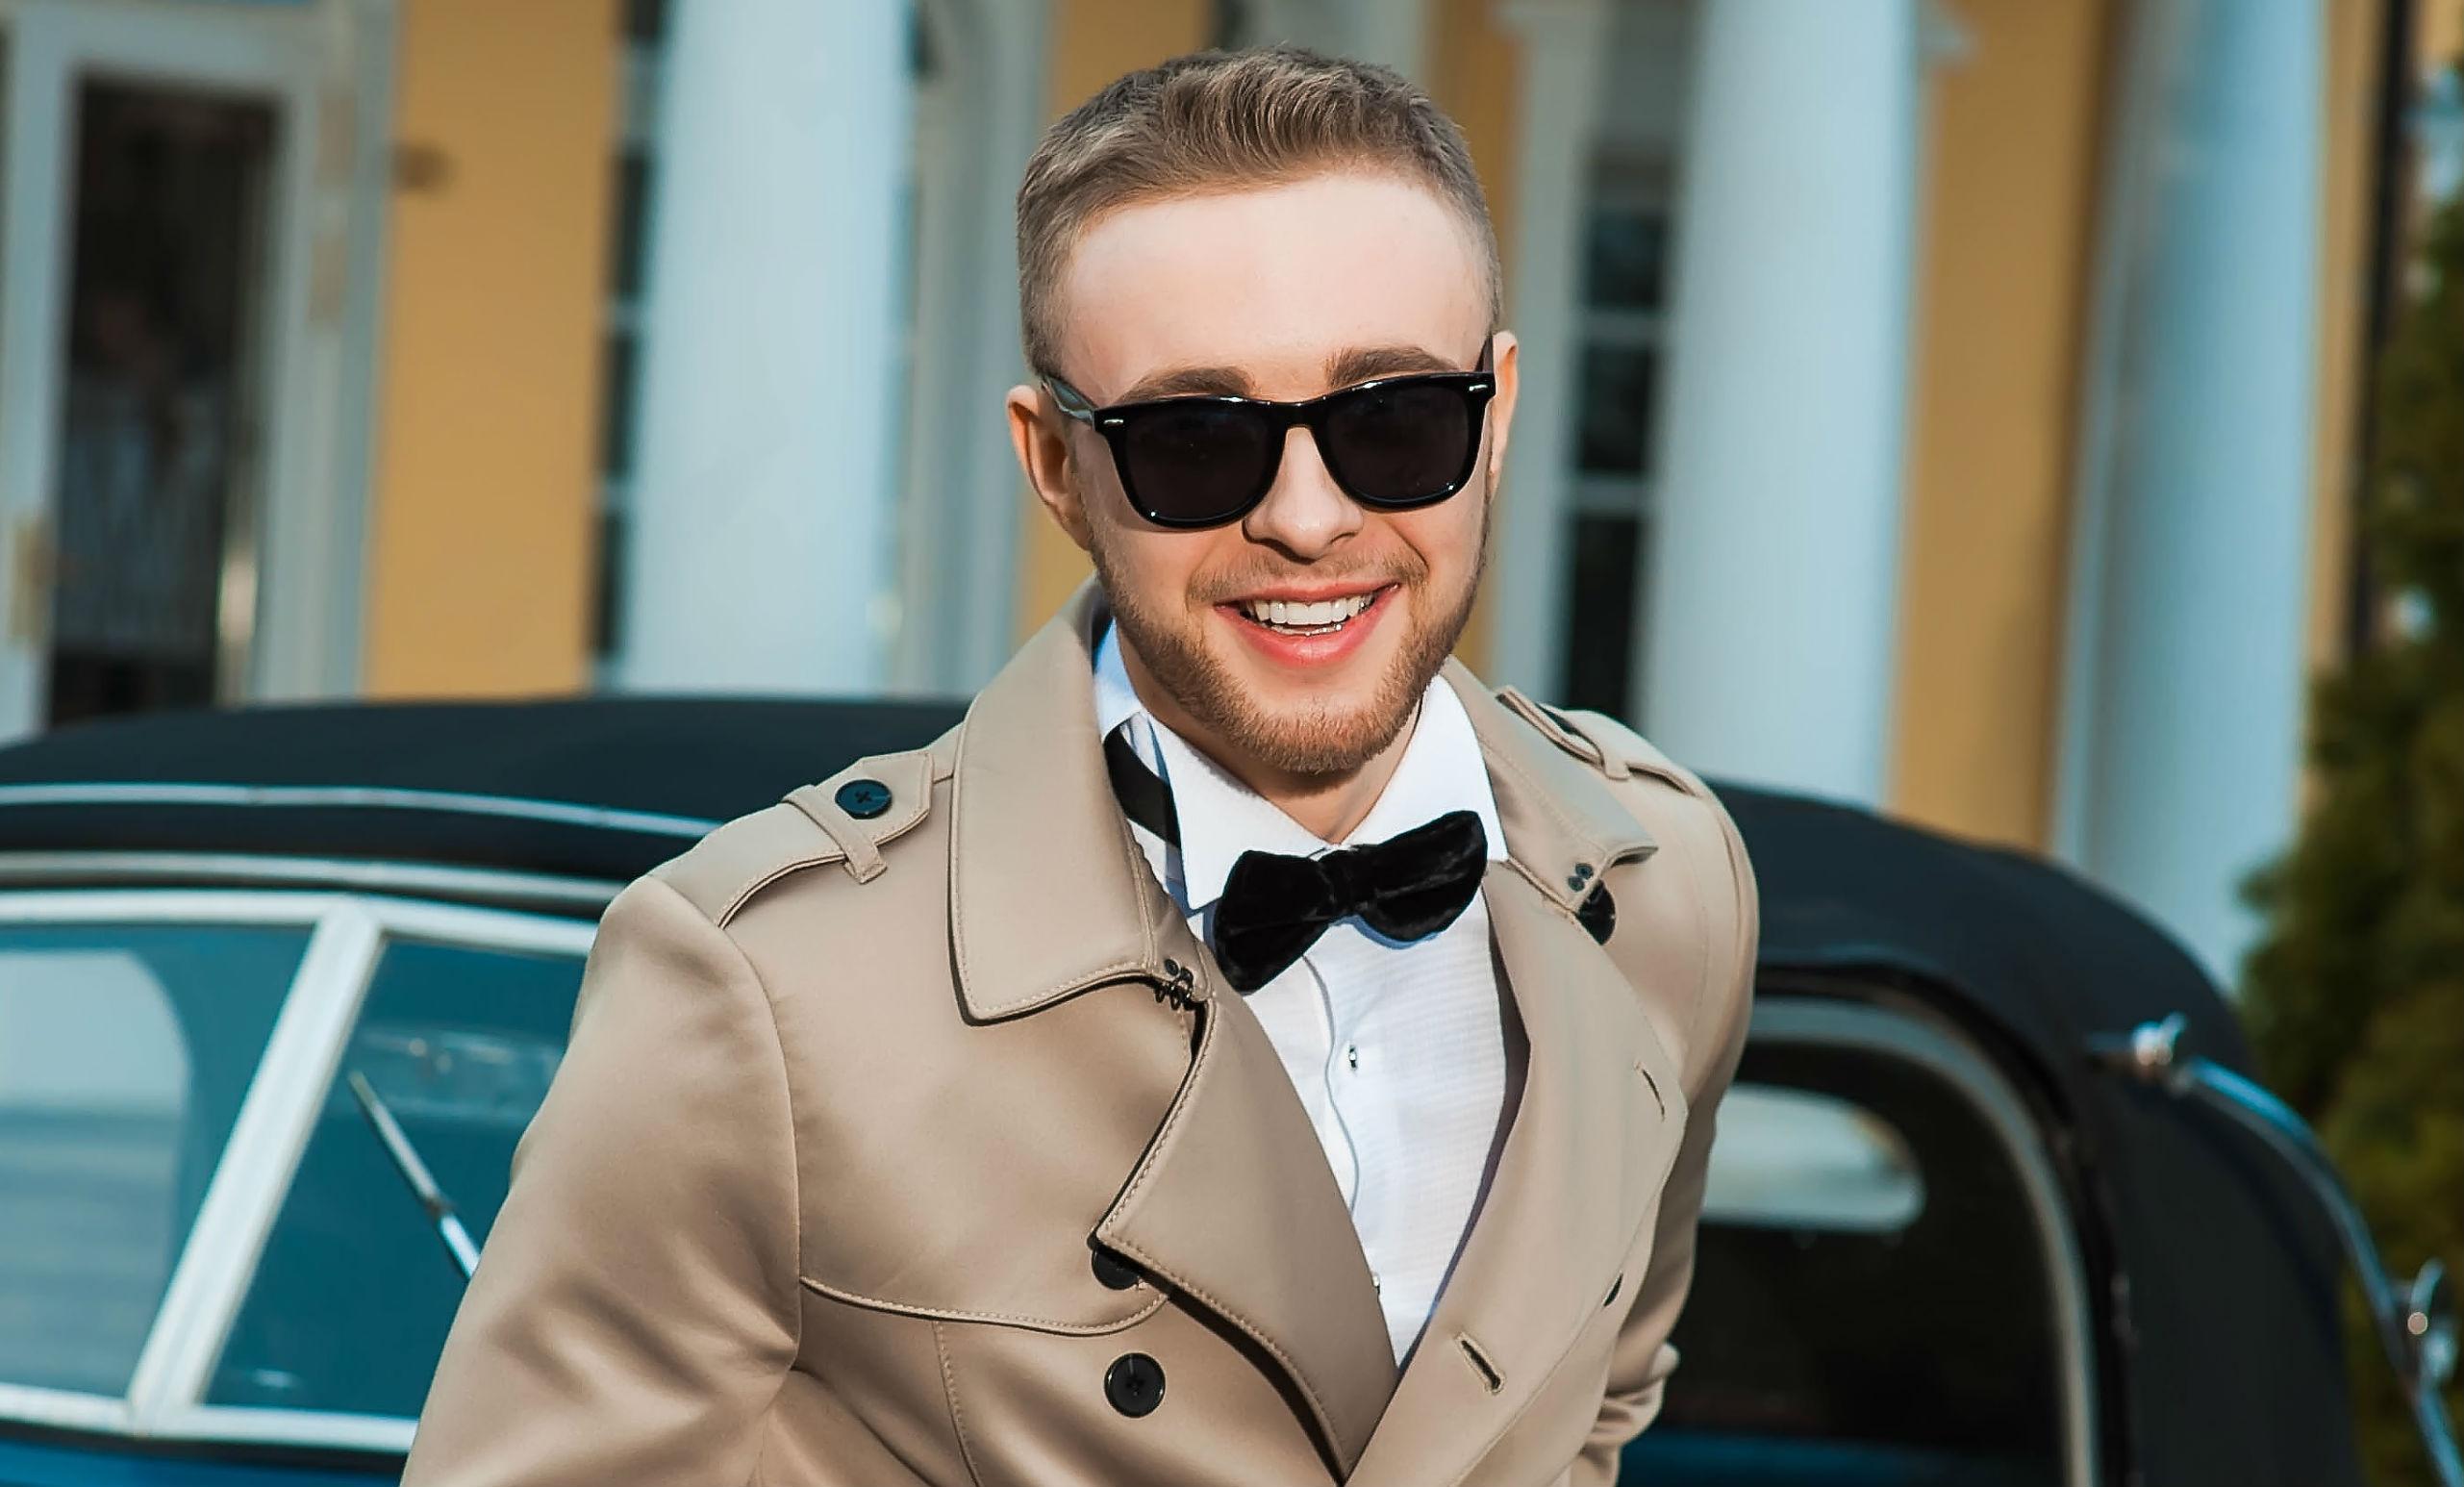 Егор Крид. Фото с сайта www.wday.ru